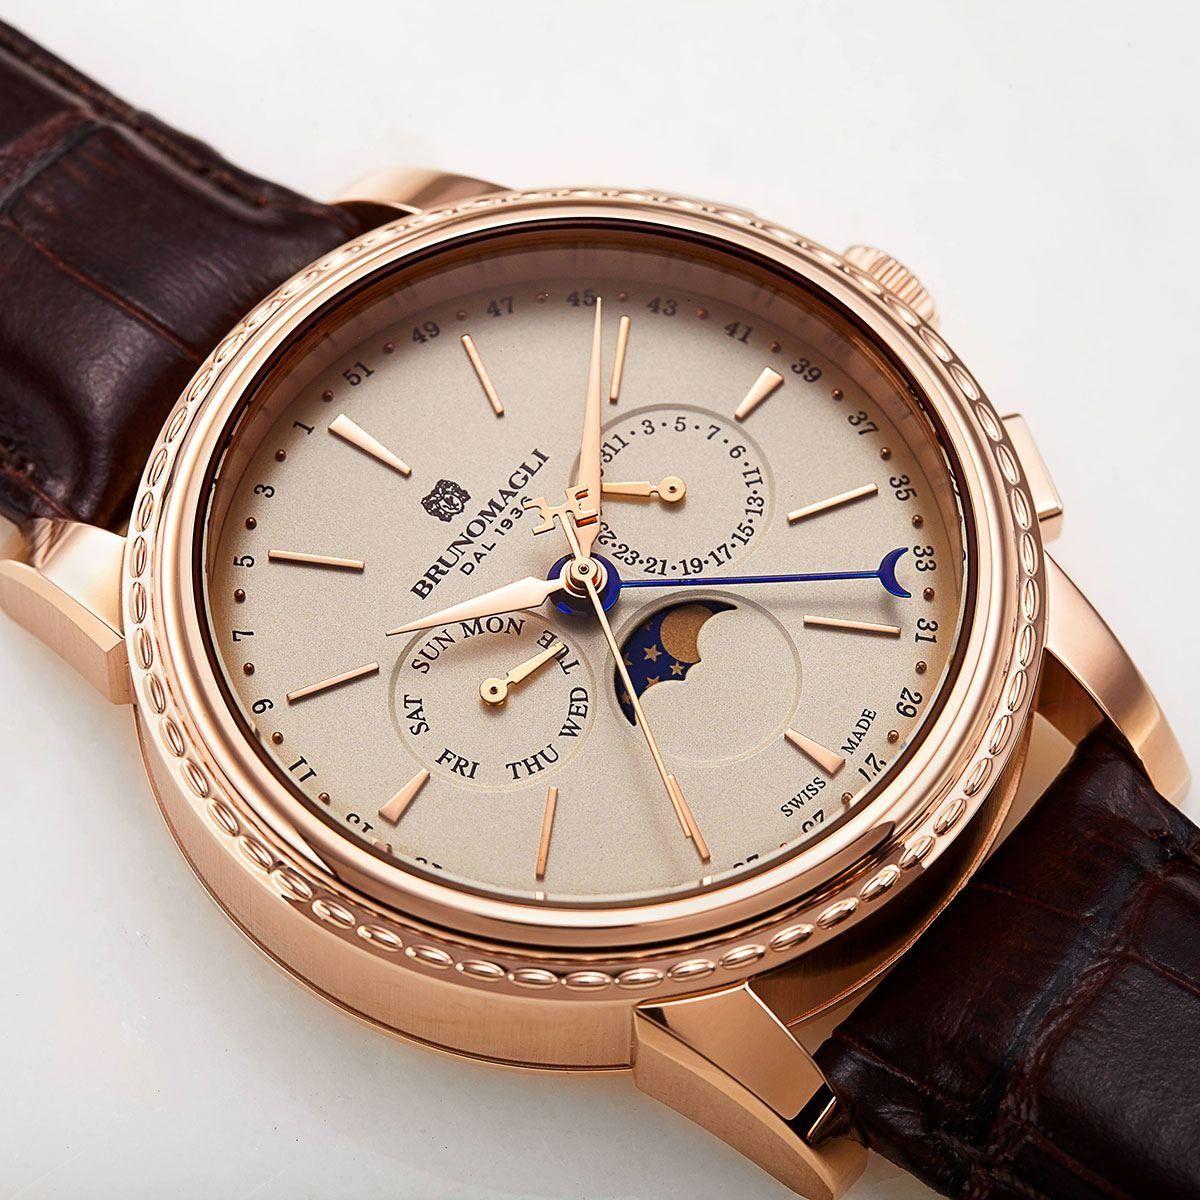 Bruno Magli 80th Anniversary Ottanta Watch in Gold | Часы | Pinterest